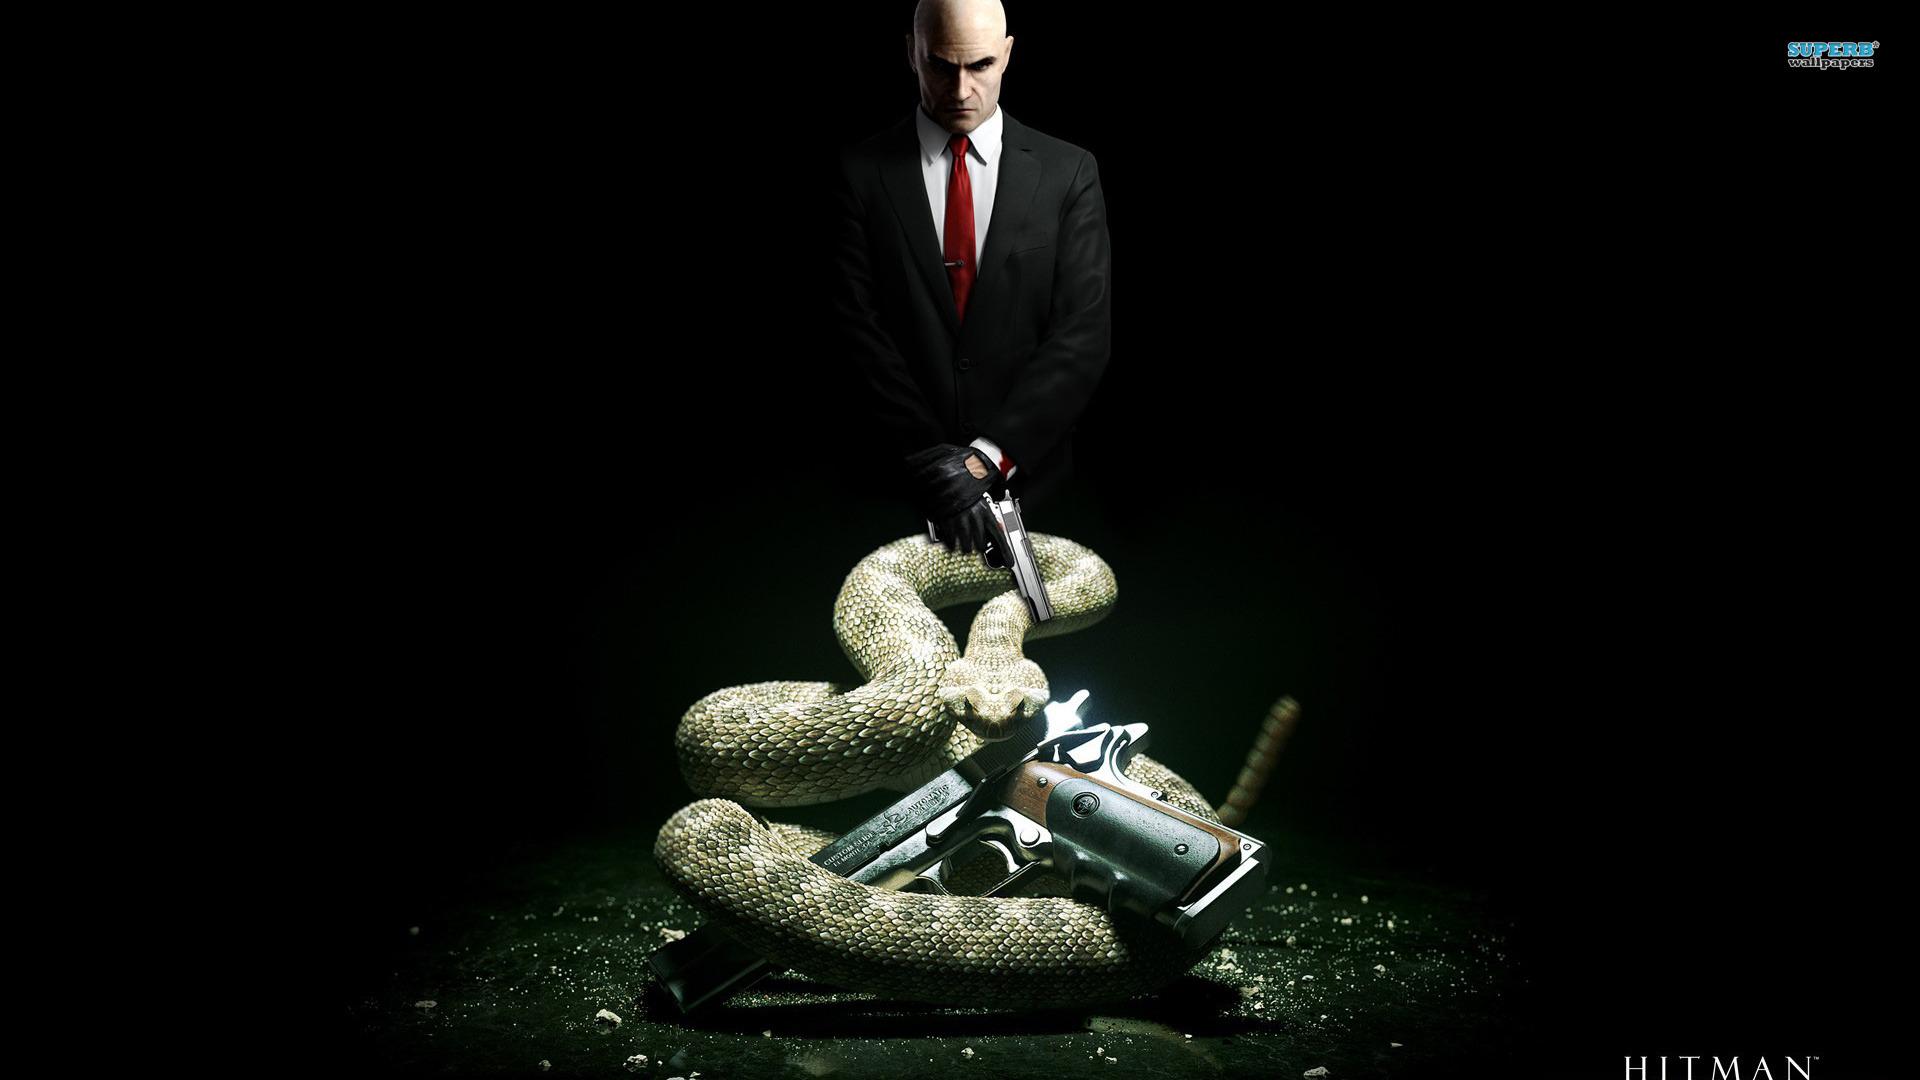 《杀手5:赦免》壁纸(3)